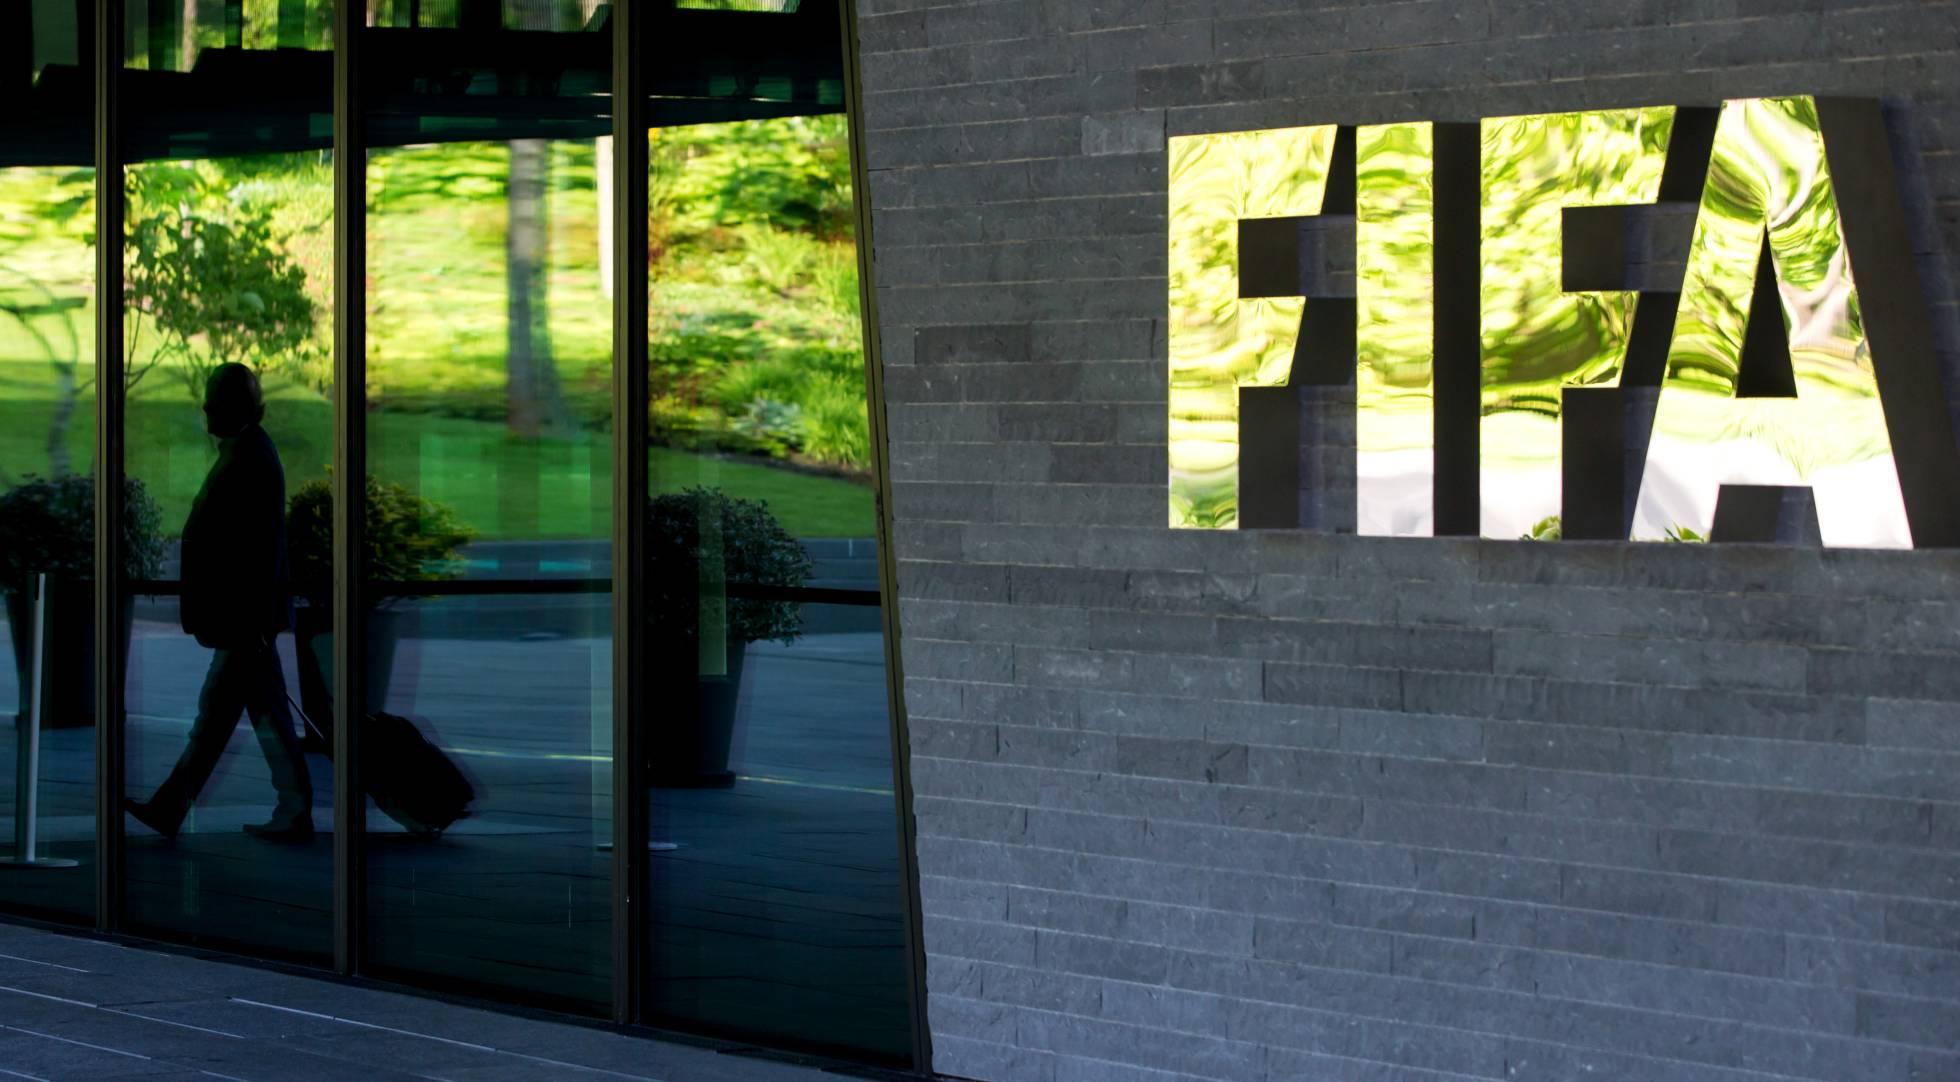 La Federación Boliviana de Fútbol pide a la FIFA investigar denuncias sobre partidos amañados